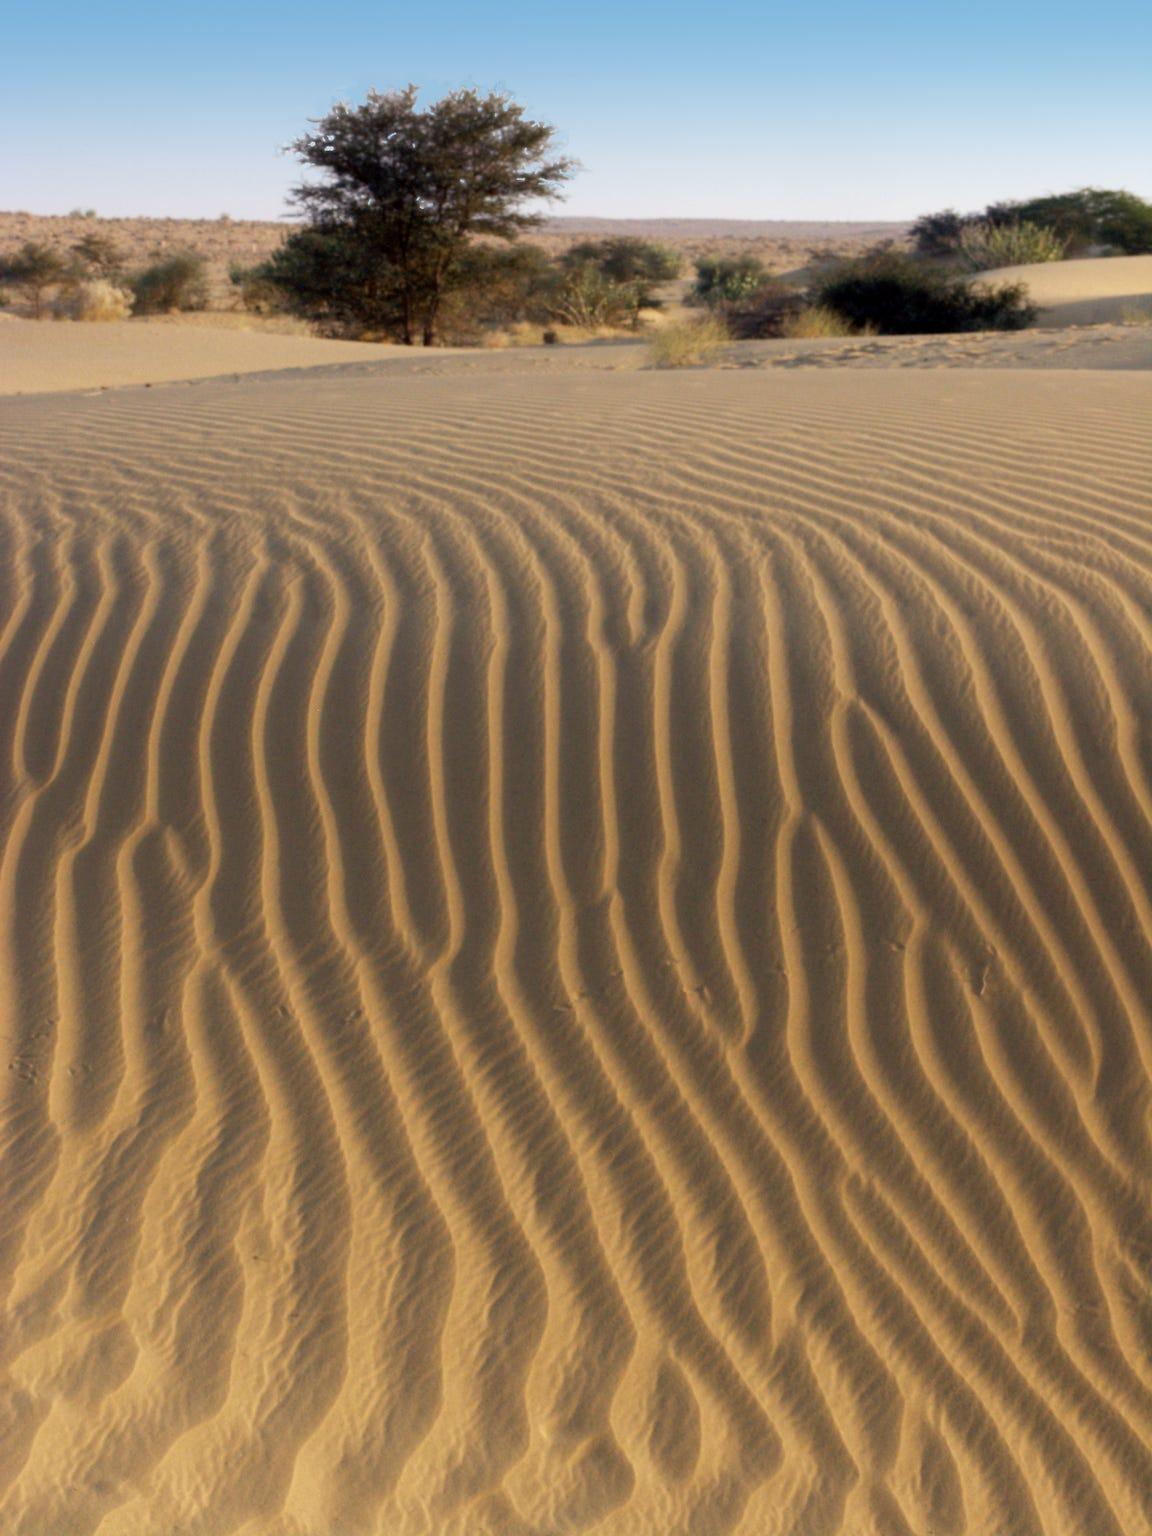 Dune fields in India's Thar Desert